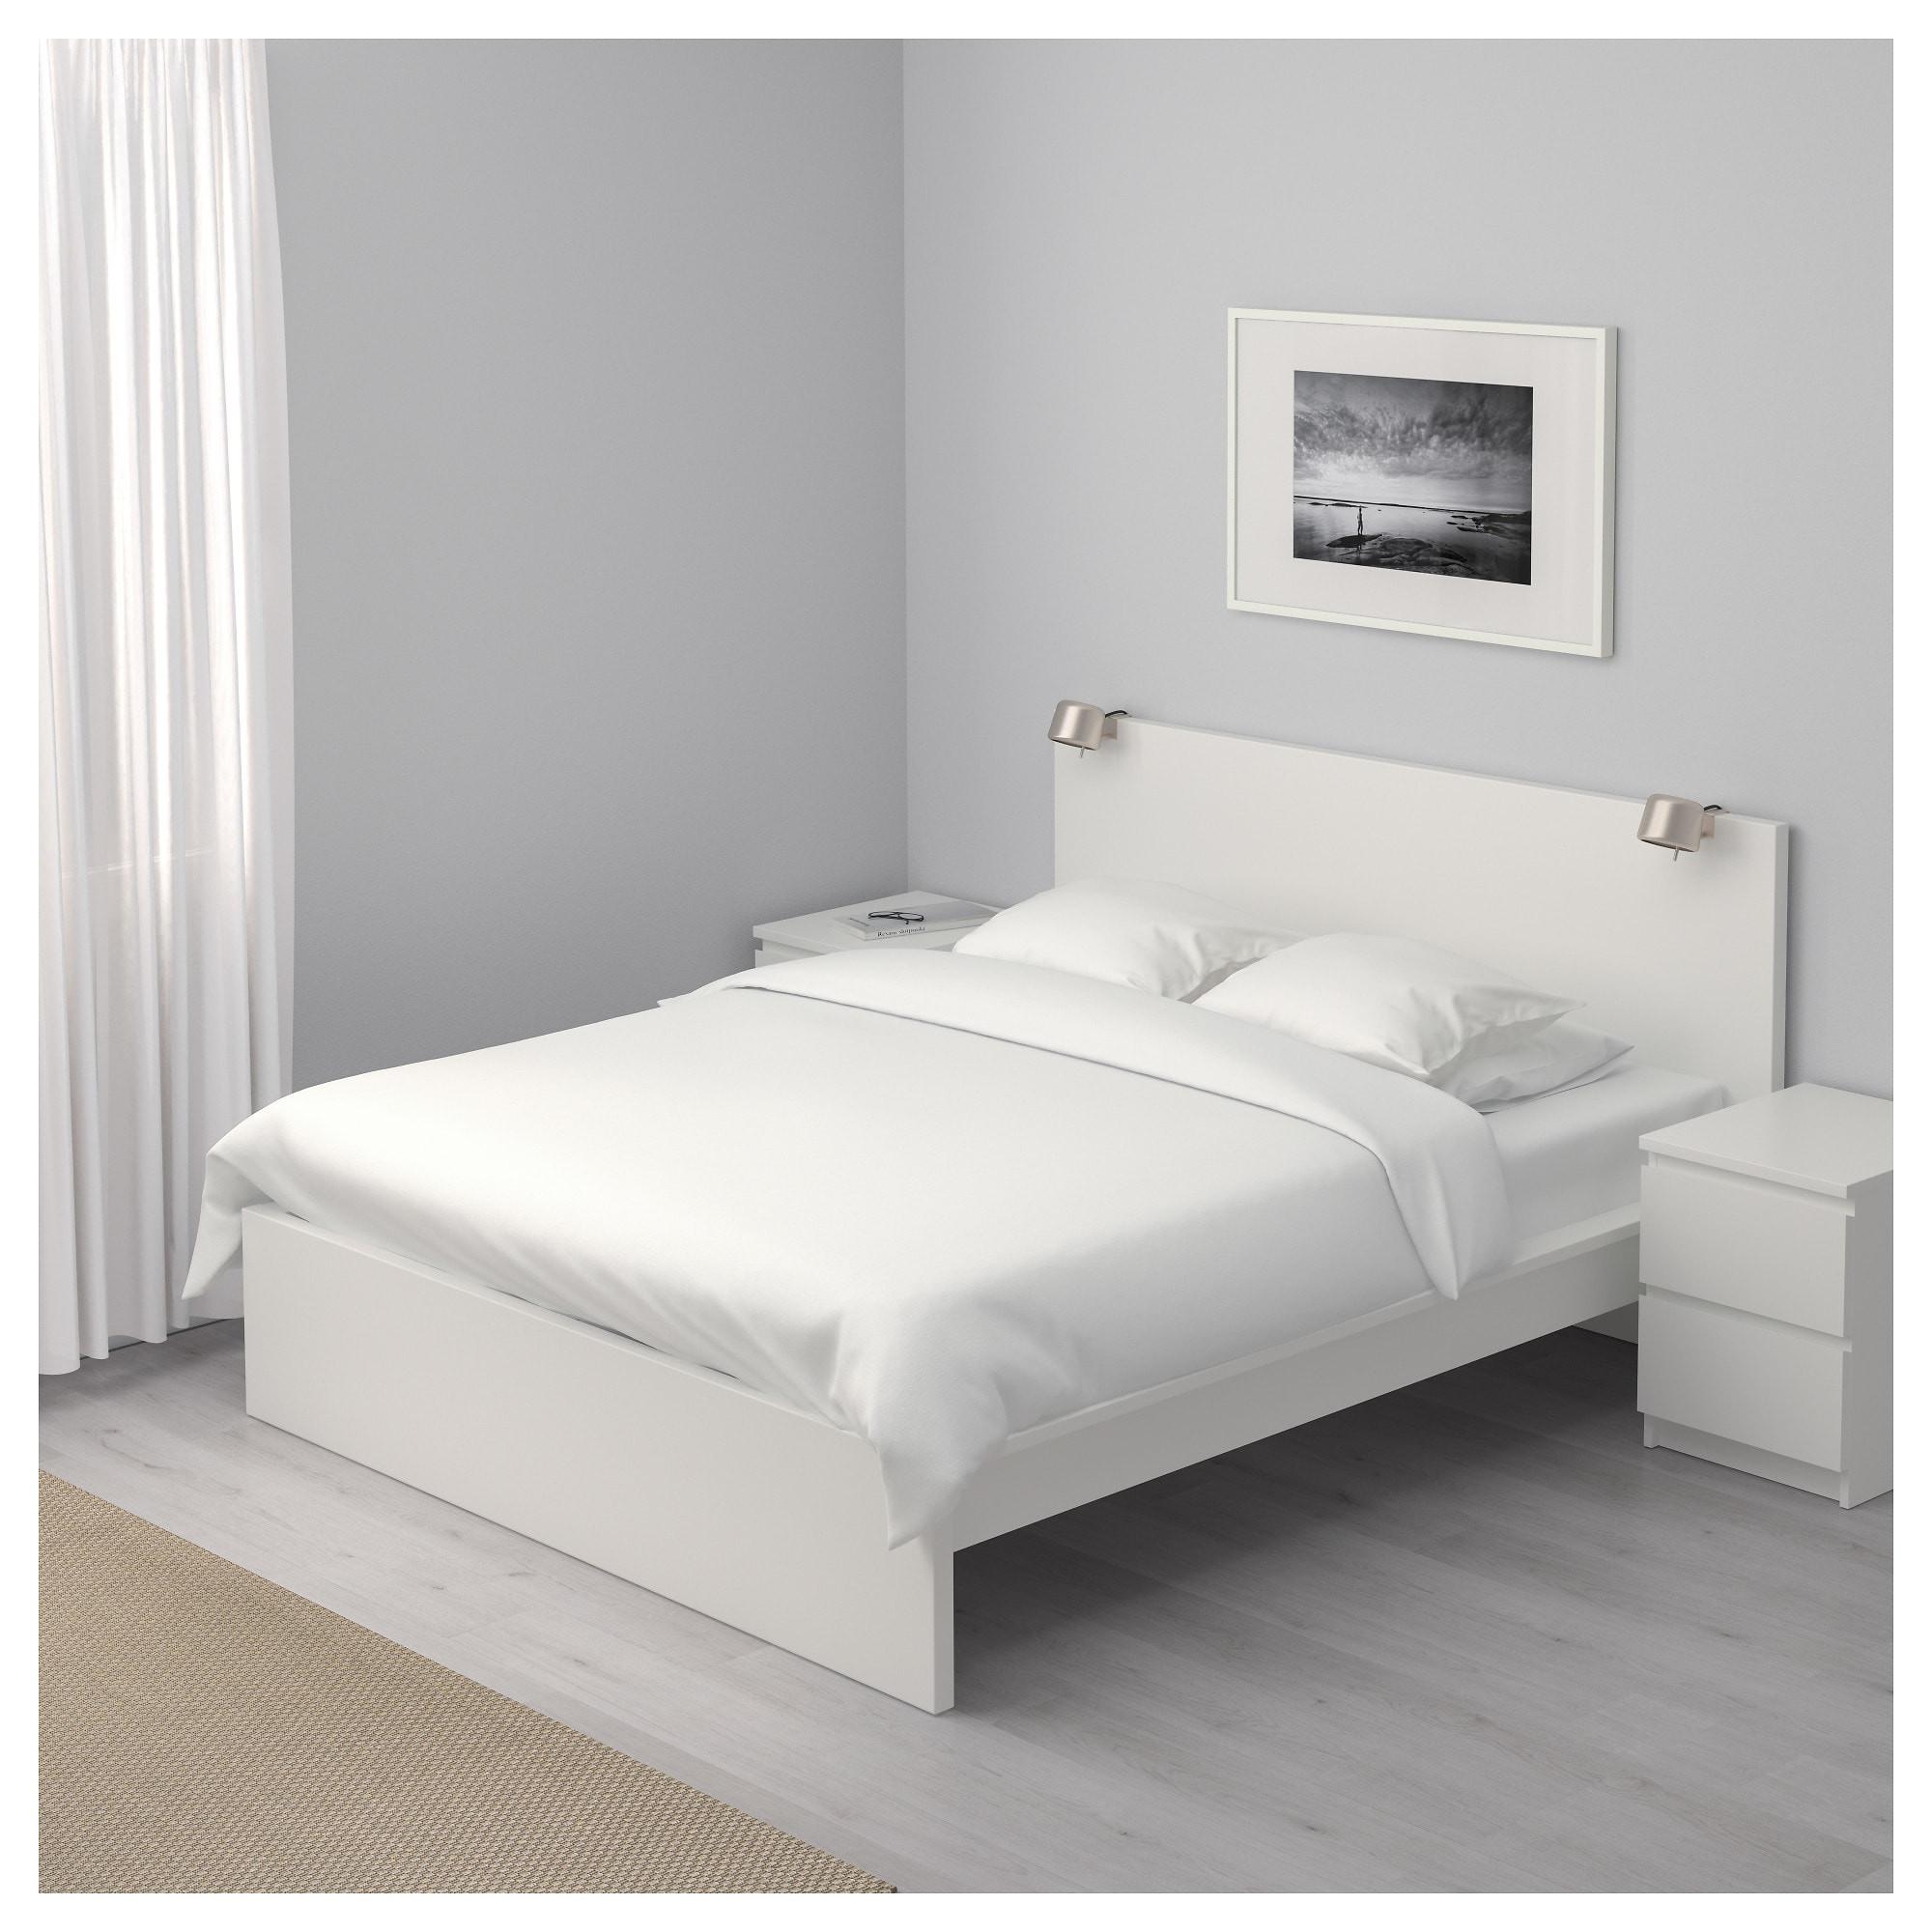 Full Size of Designer Betten Günstig Kaufen 180x200 140x200 Weiß Runde Tempur Joop Günstige Französische Außergewöhnliche Treca De Jabo Weiße Billige 200x220 Für Bett Betten 200x220